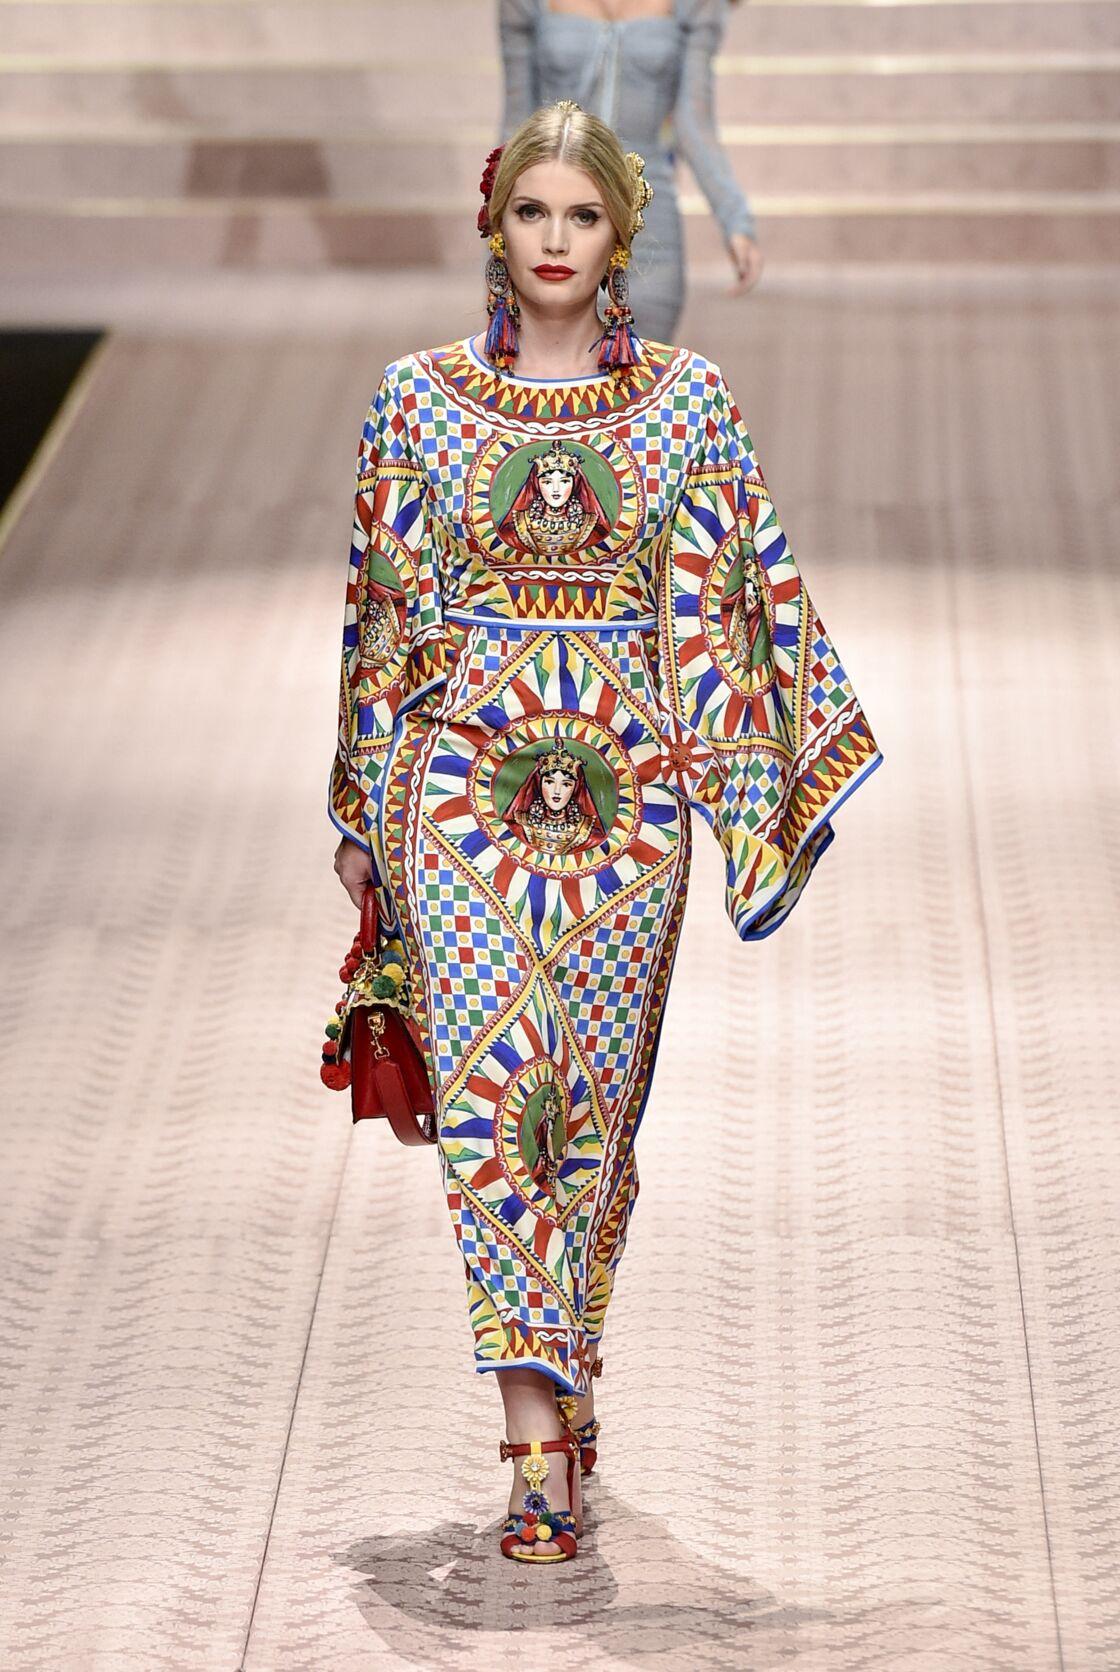 Kitty Spencer lors du défilé Dolce & Gabbana pour la collection Prêt-à-Porter Printemps/Eté 2019 lors de la Fashion Week de Milan, Italie, le 23 septembre 2018.